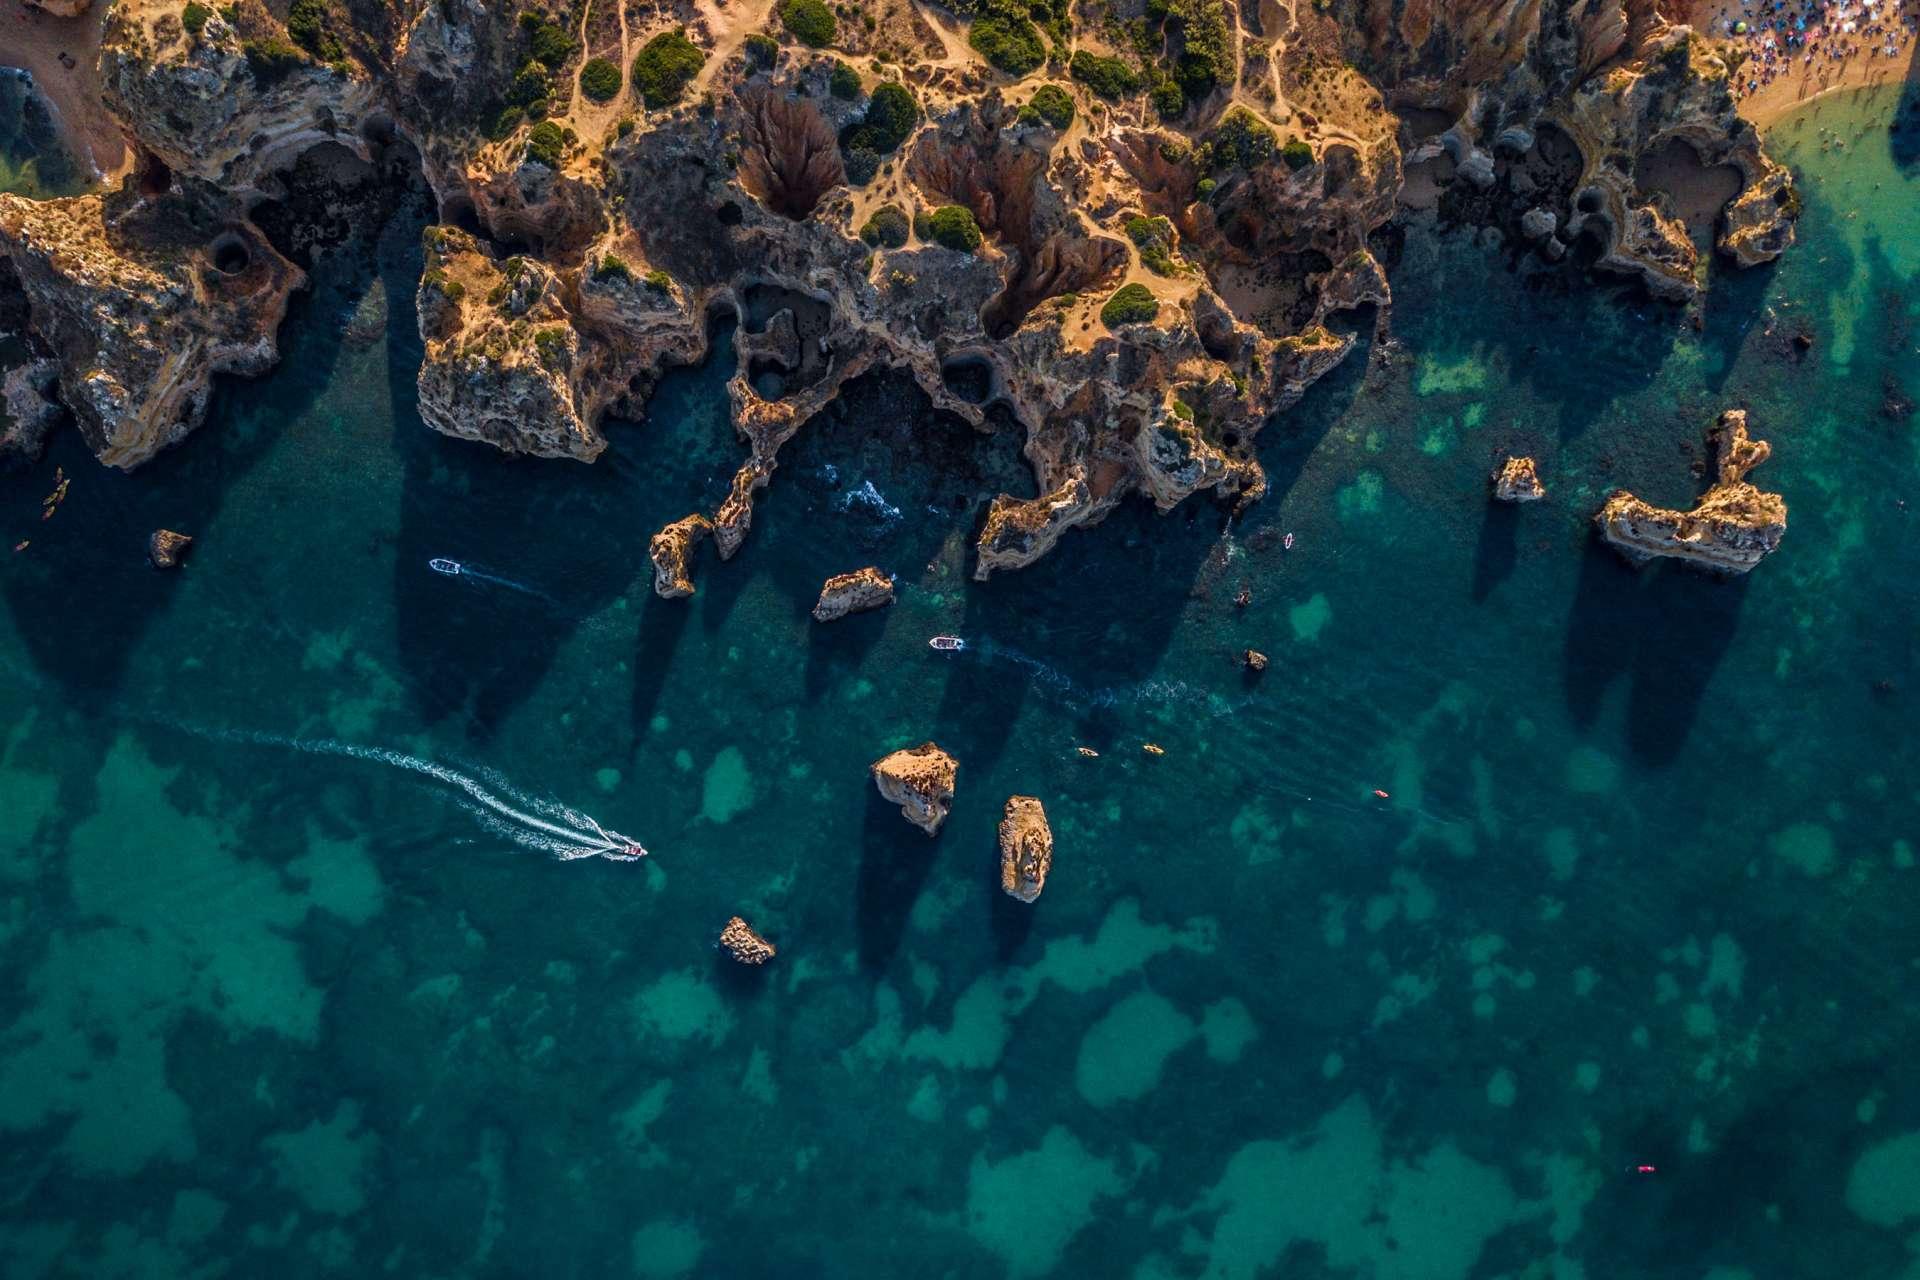 Algarve From Above Drone Photography Enrico Pescantini Between Praia dos Pinheiros and Praia do Camilo